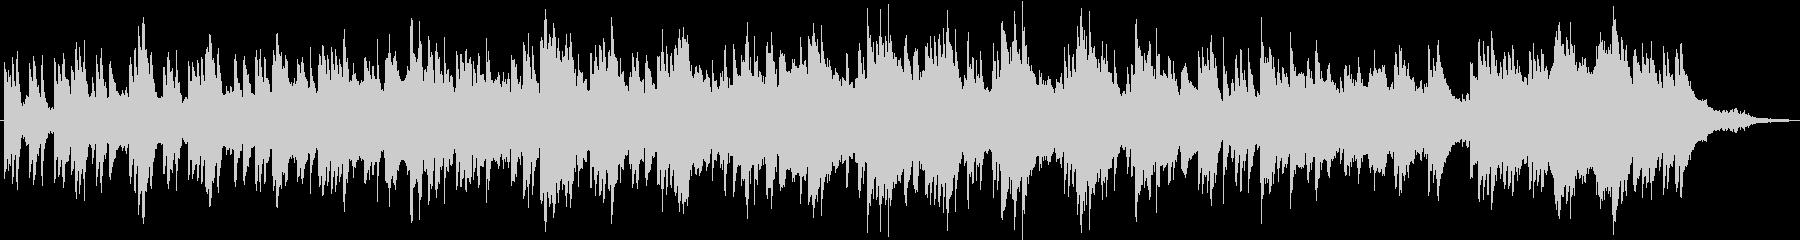 ピアノとシンバルのスクレープが弦と...の未再生の波形